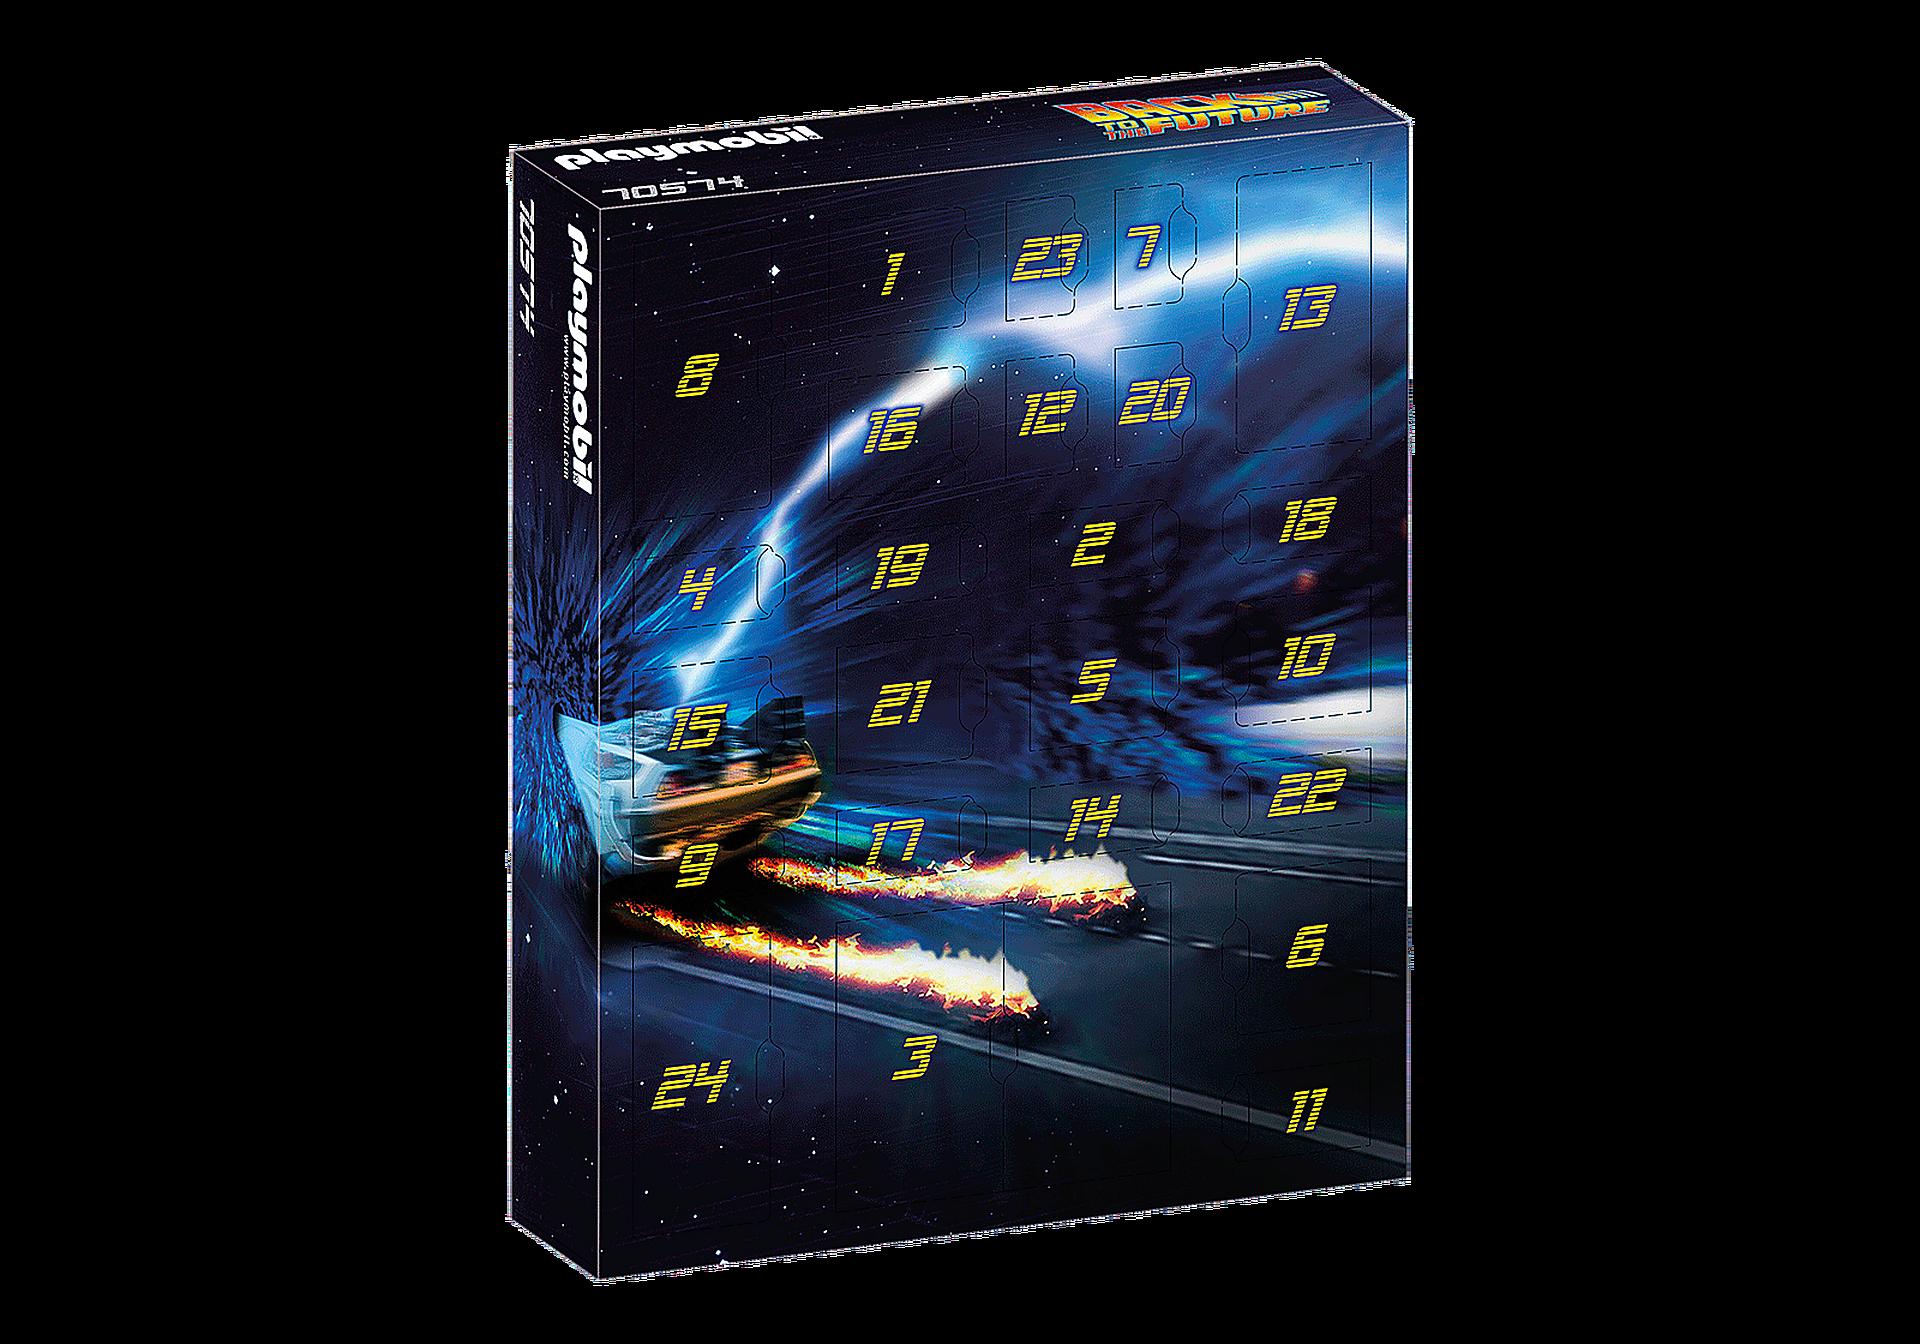 70574 Calendário do Advento 'Back to the Future' zoom image4